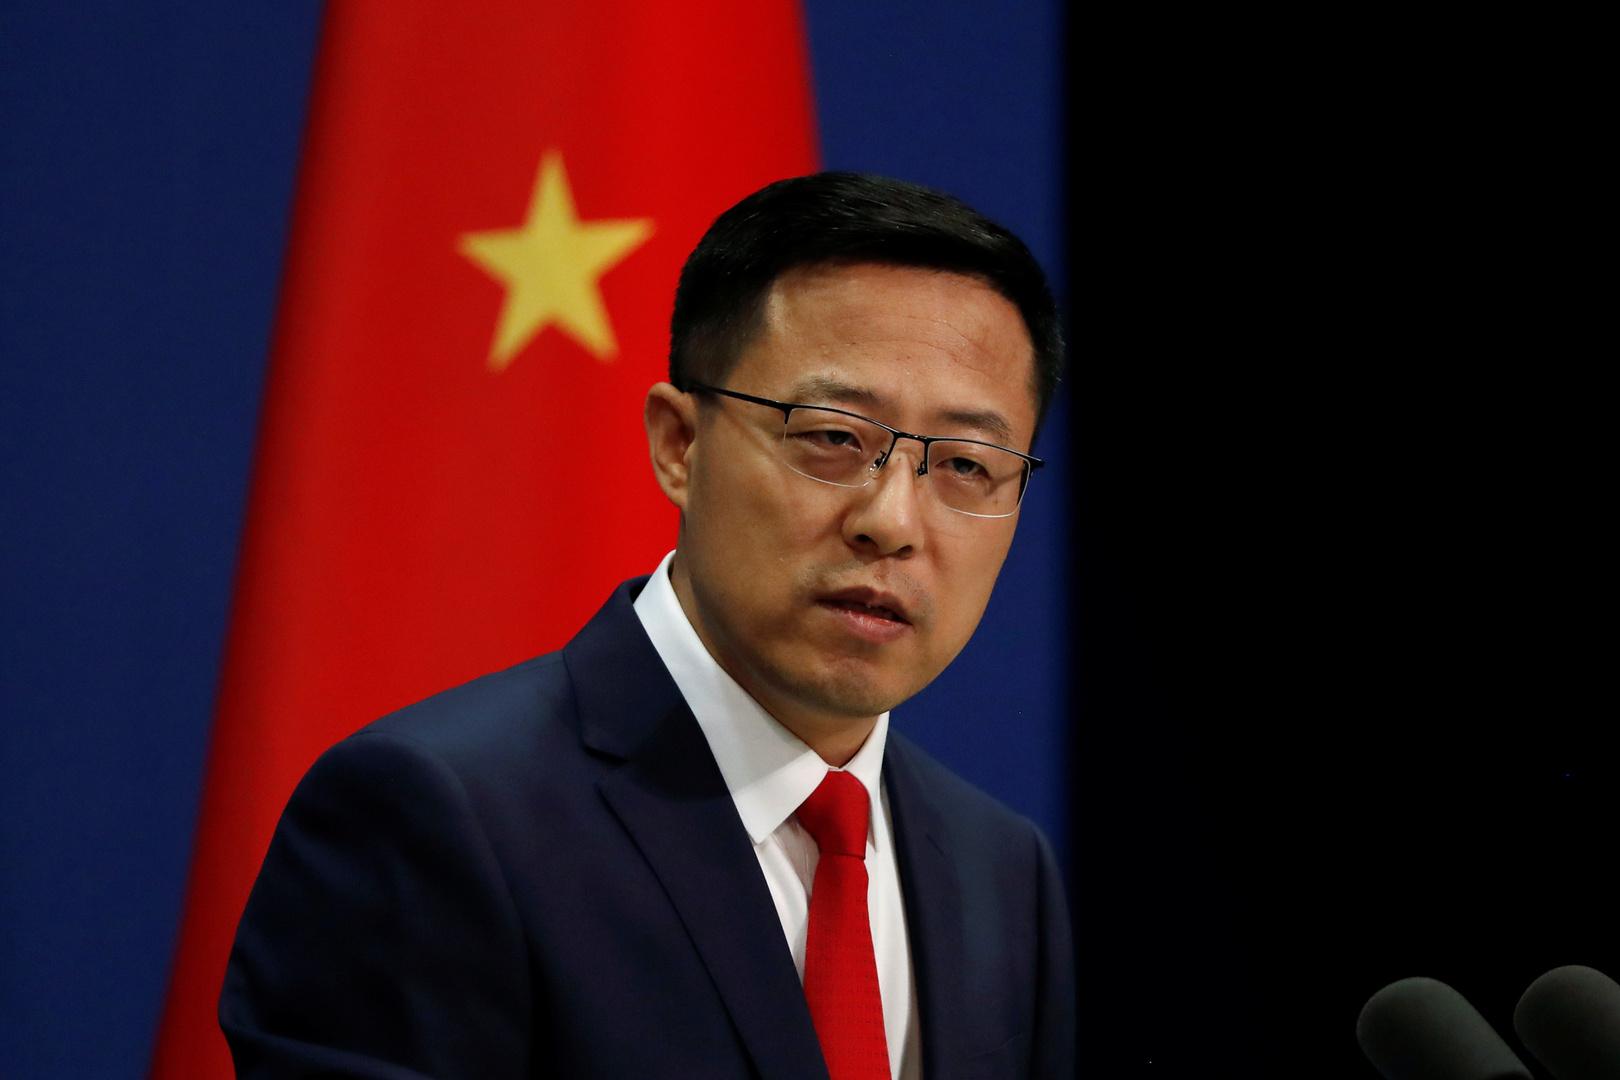 بكين: تنمر الولايات المتحدة على الدول للانحياز لجانبها لن ينجح